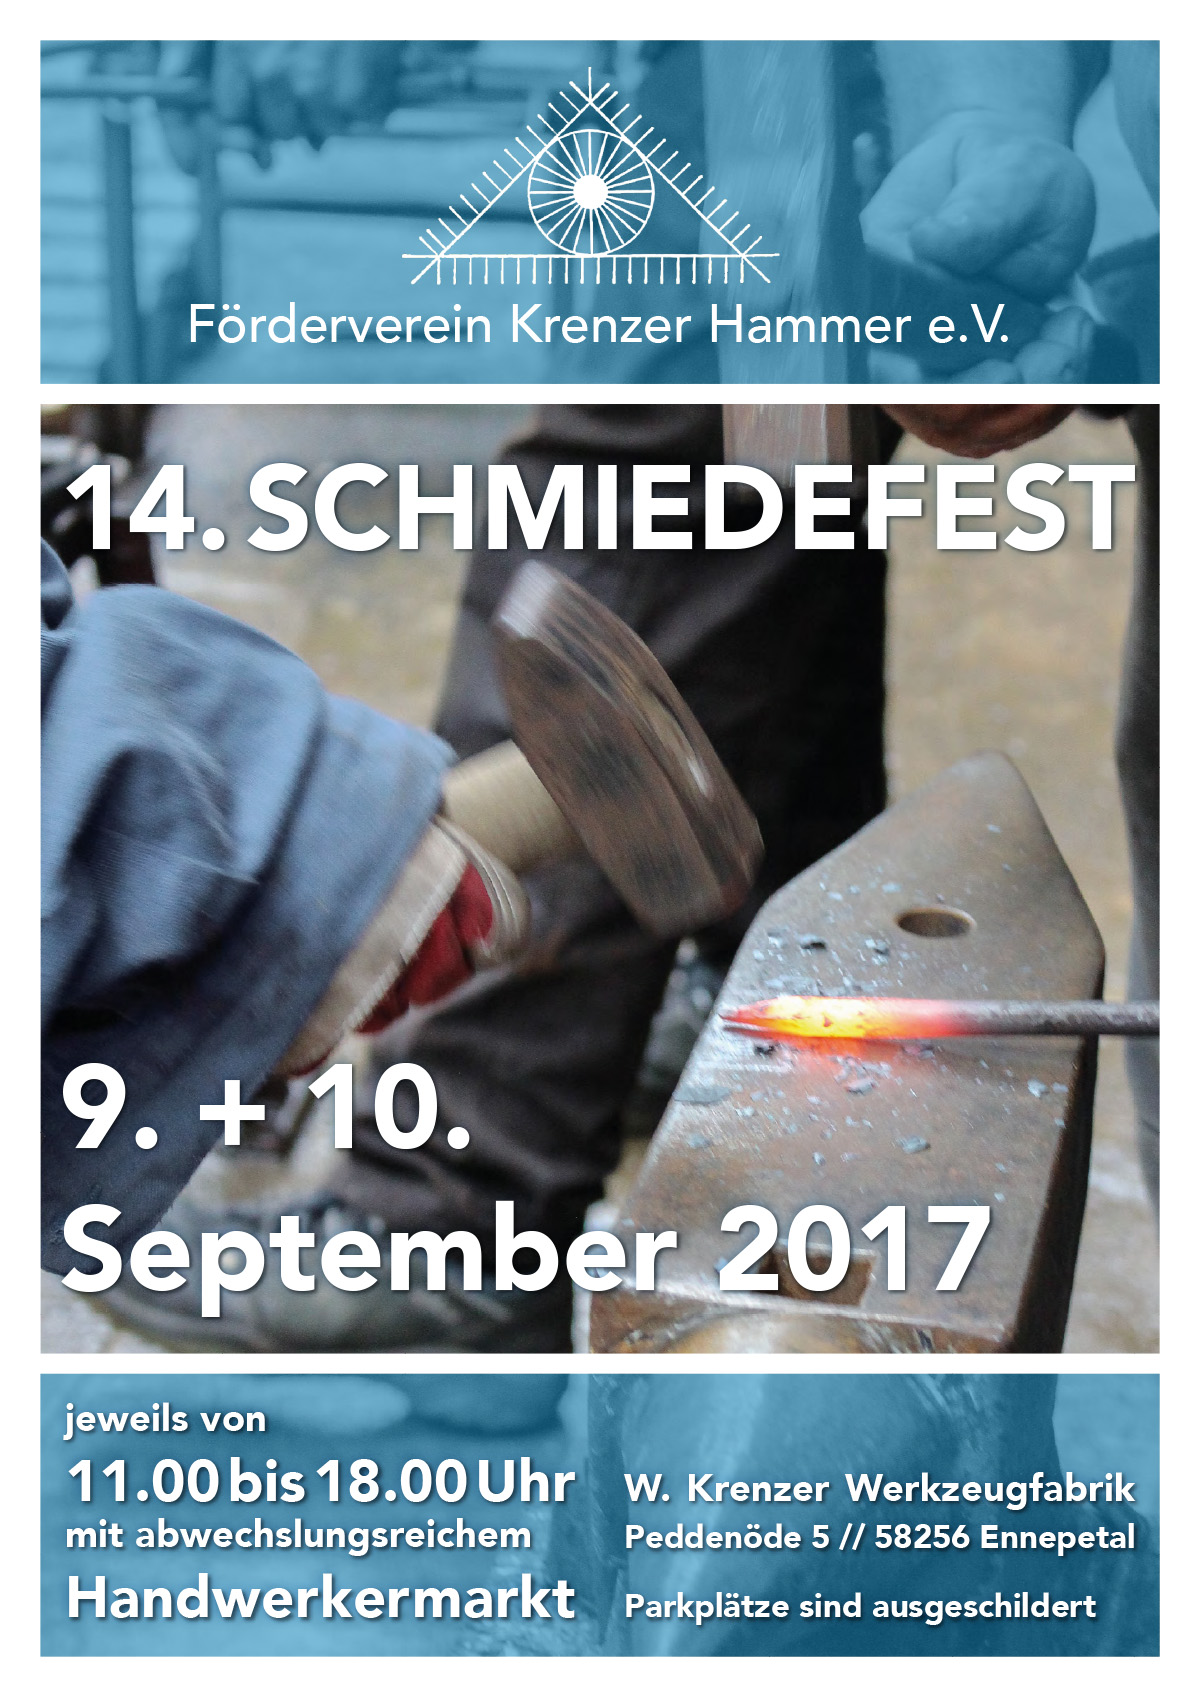 KRENZER_Schmiedefest_2017